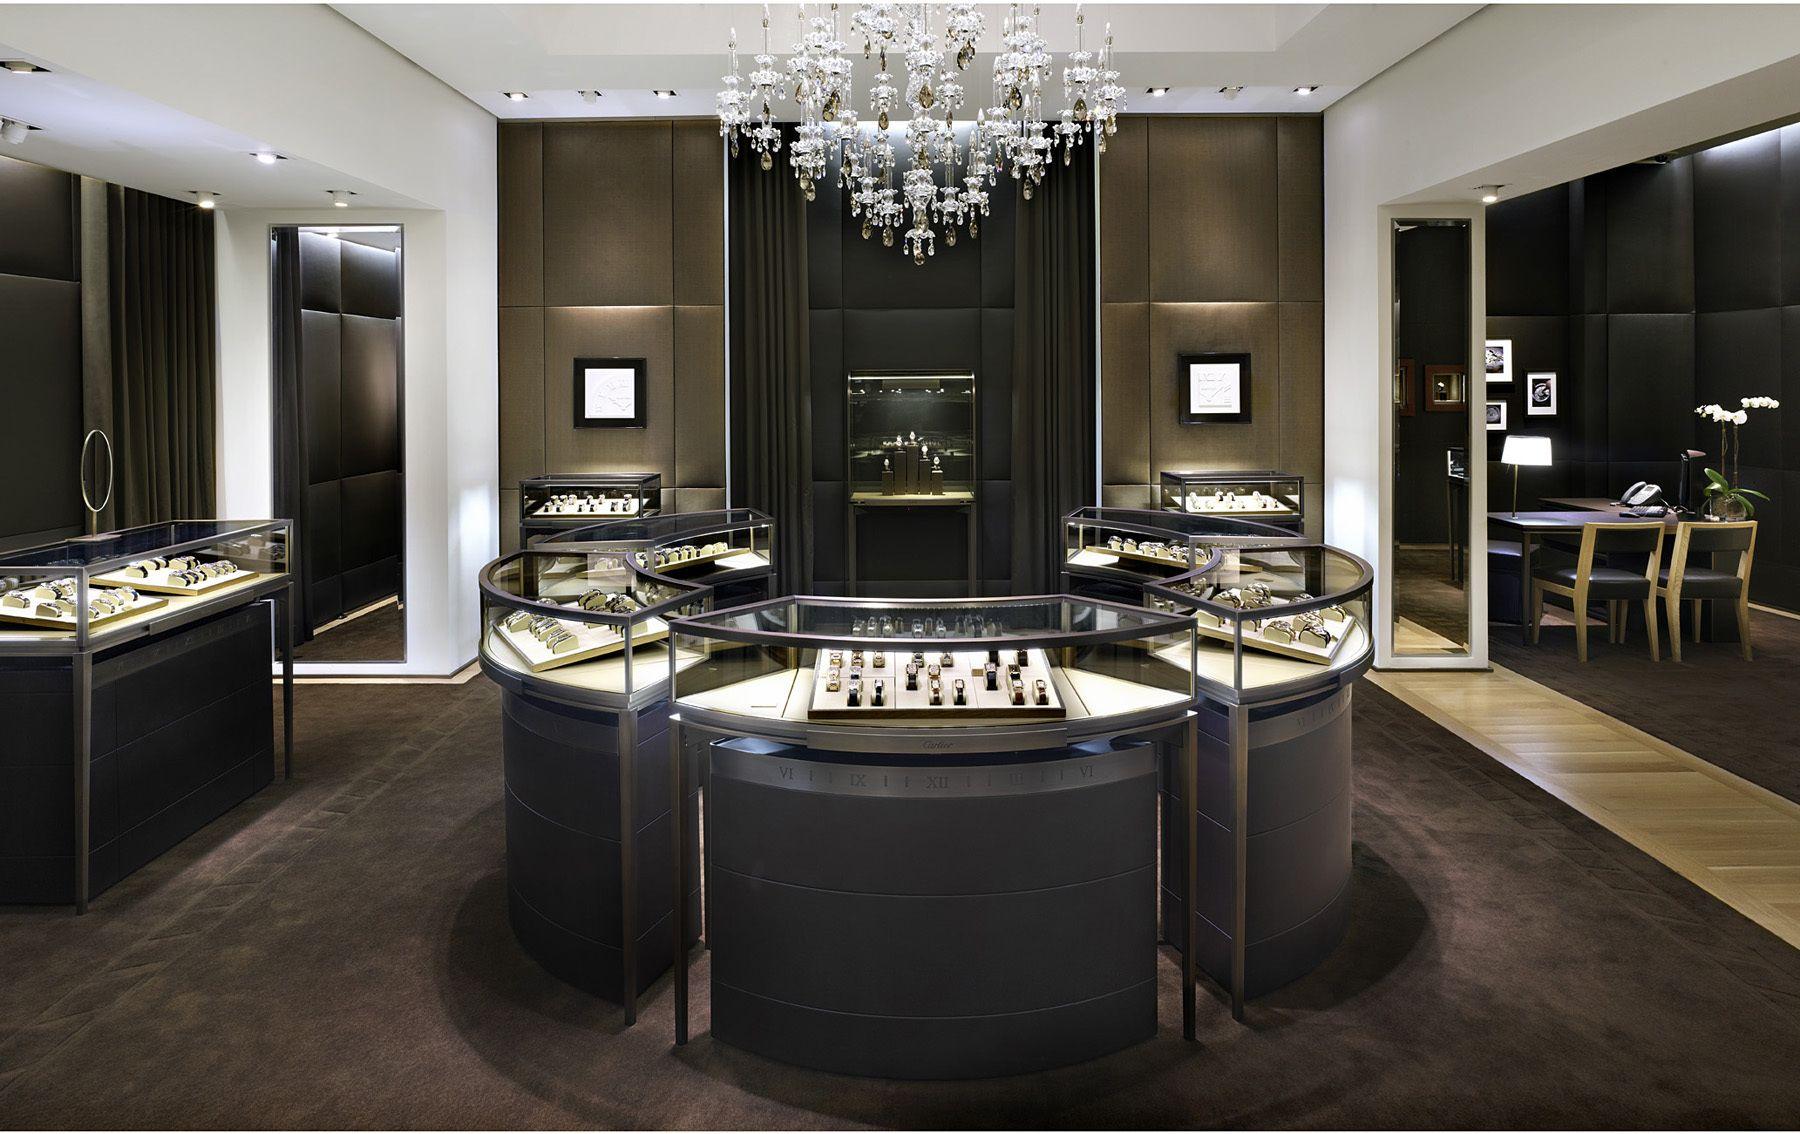 17+ Cartier jewelry store near me ideas in 2021